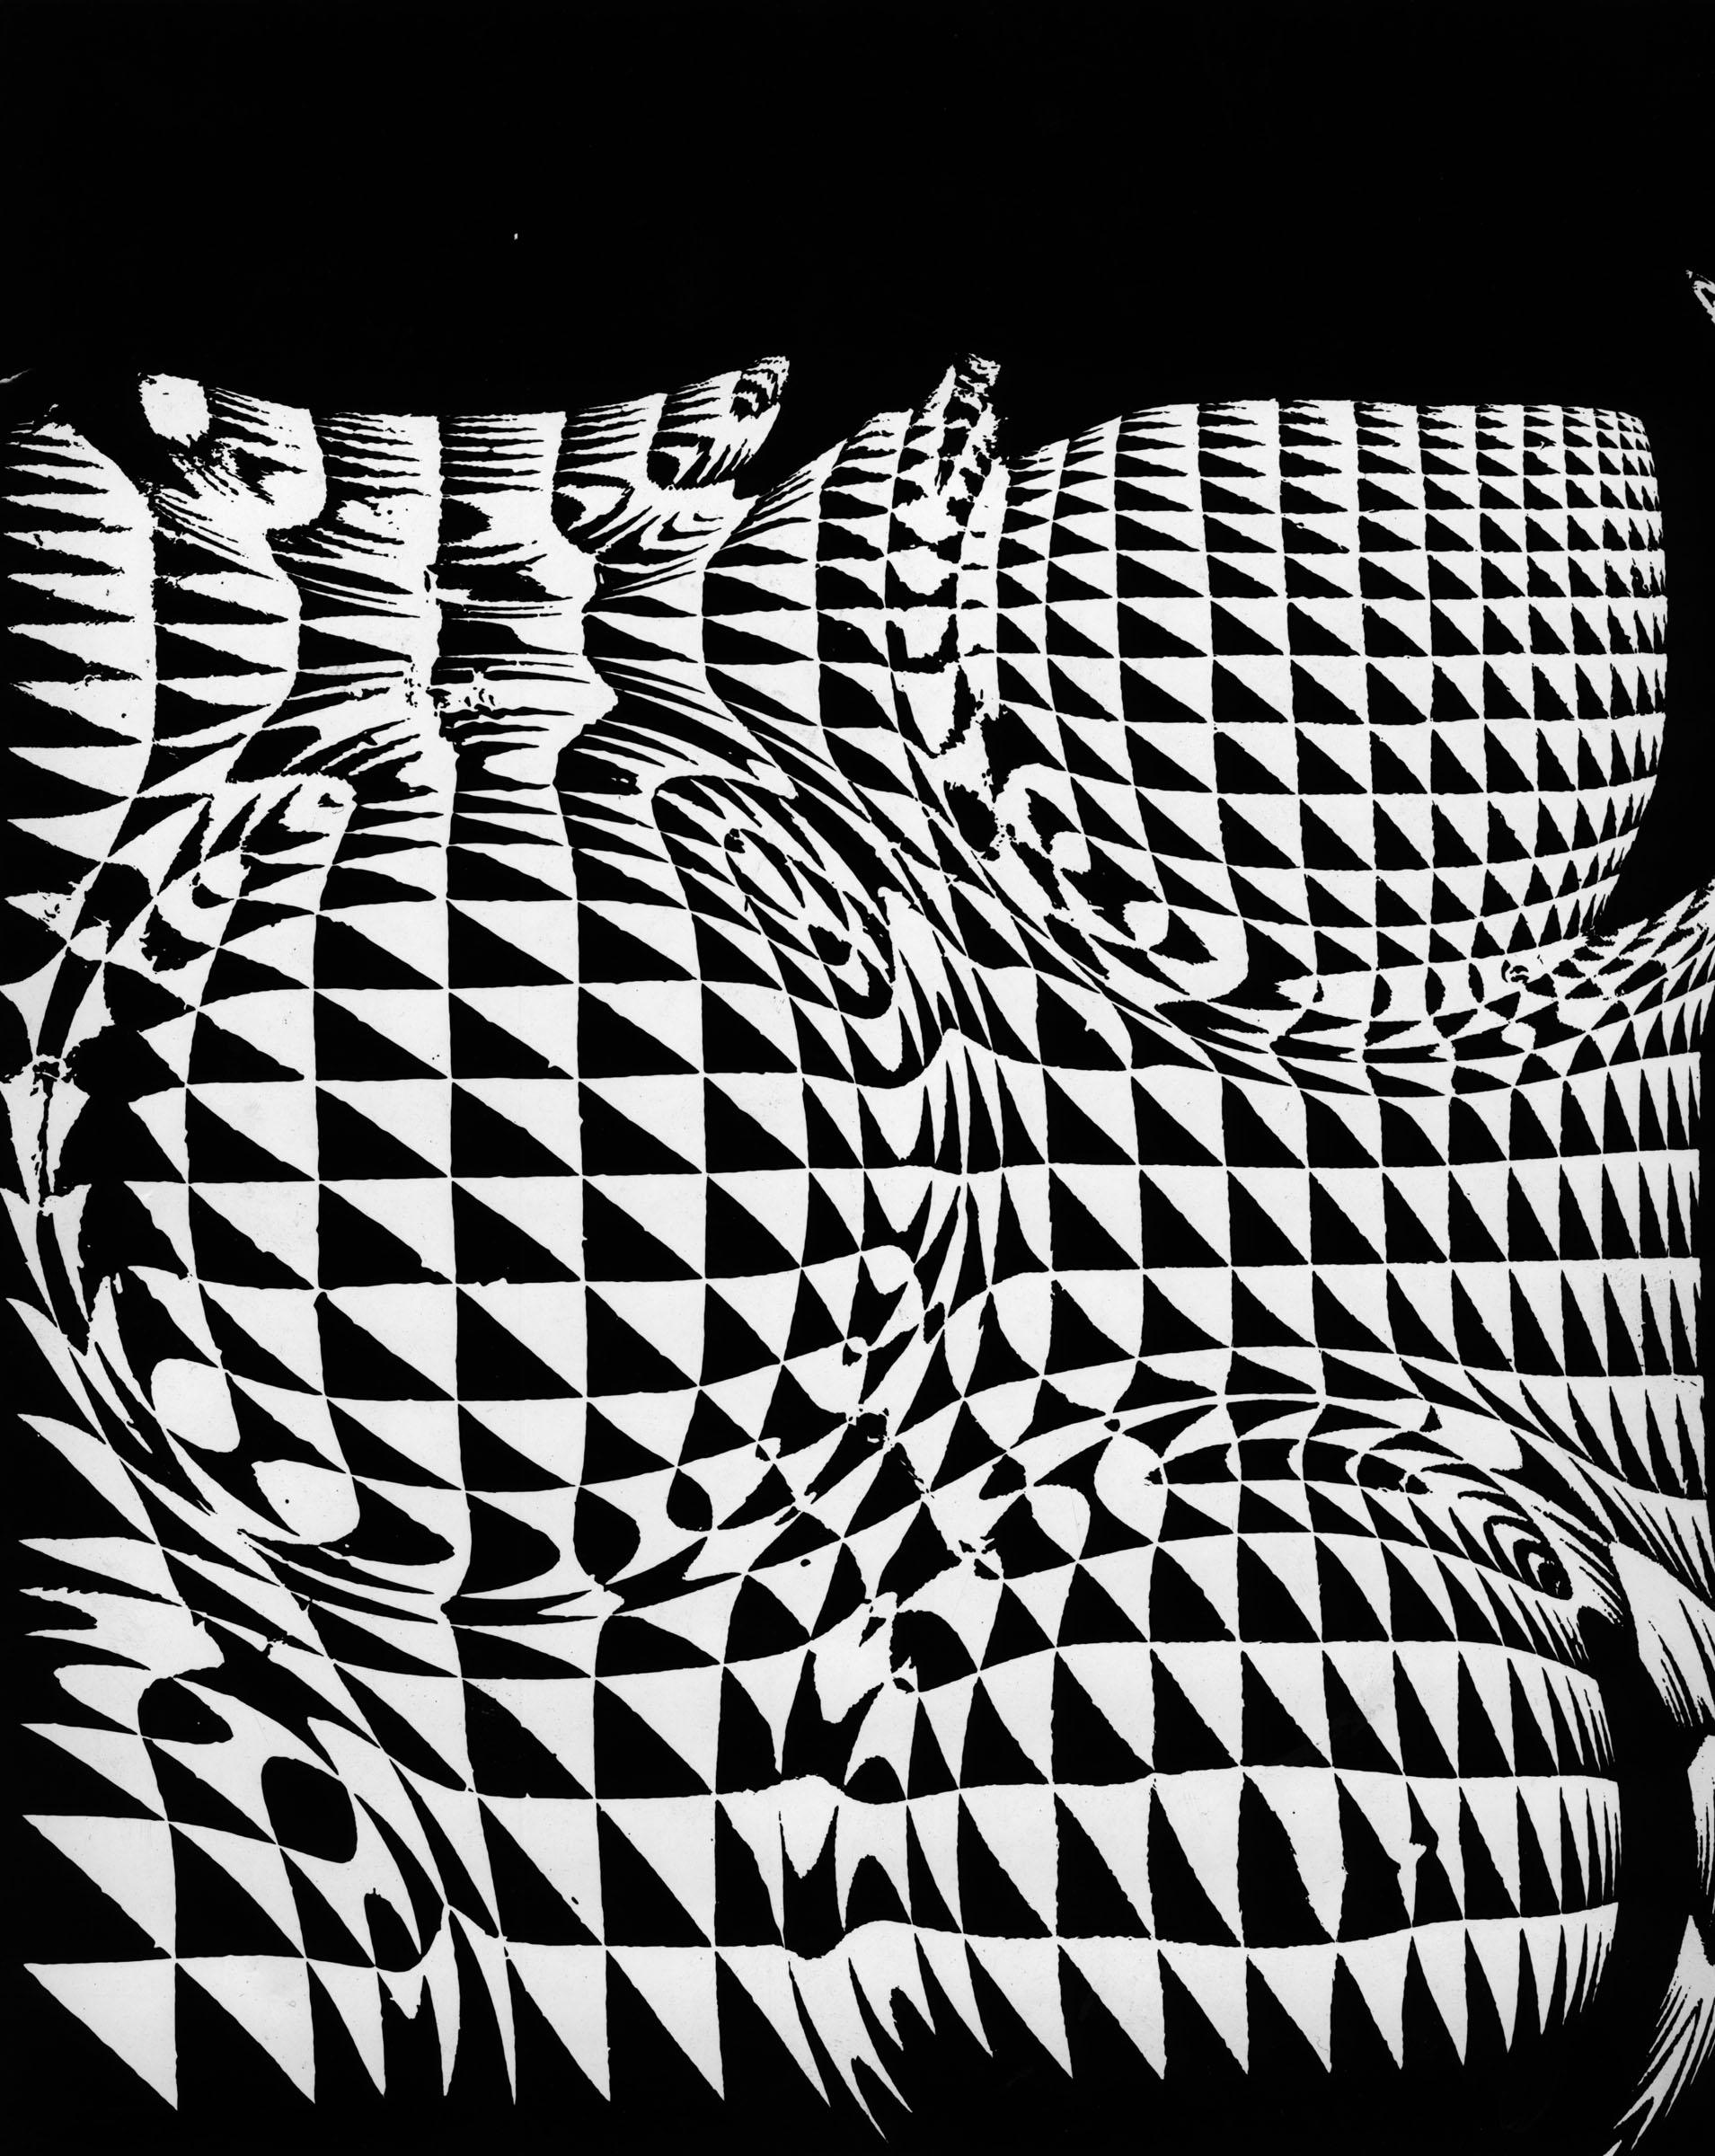 Le sperimentazioni ottiche (e non solo) di Franco Grignani in mostra a Chiasso